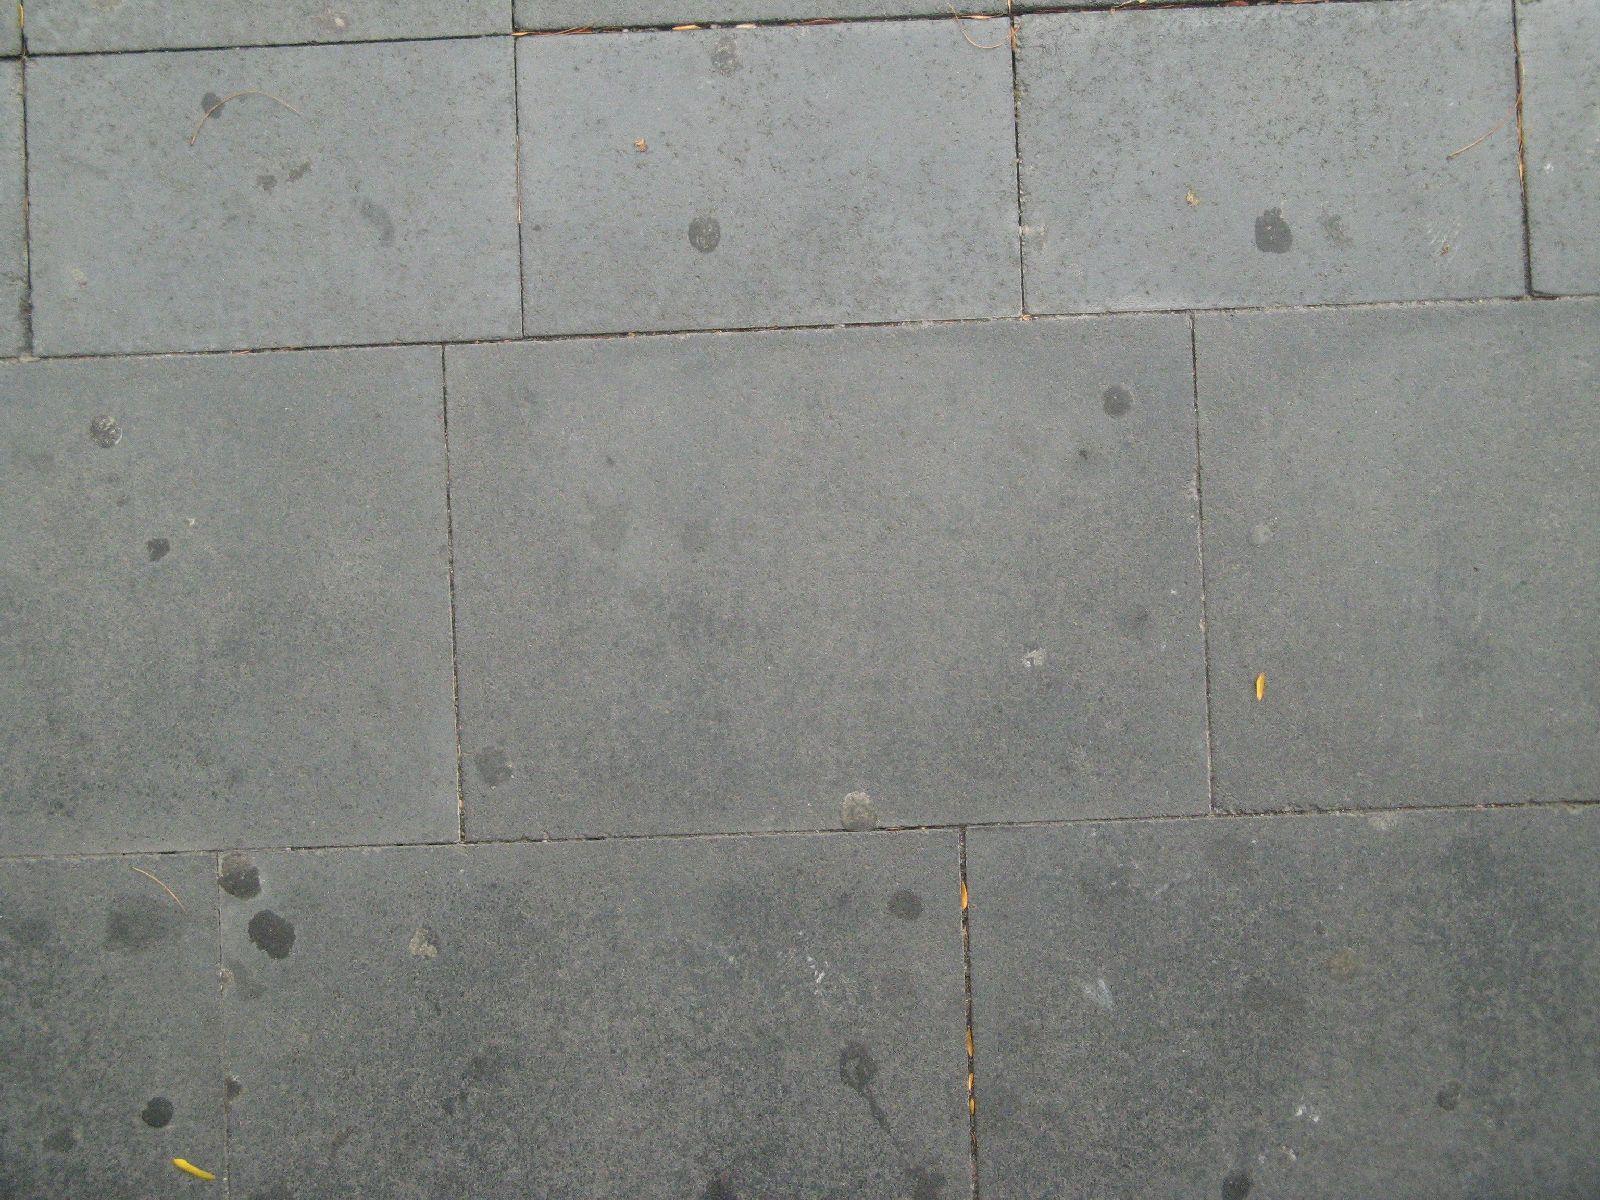 Boden-Gehweg-Strasse-Buergersteig-Textur_B_3323